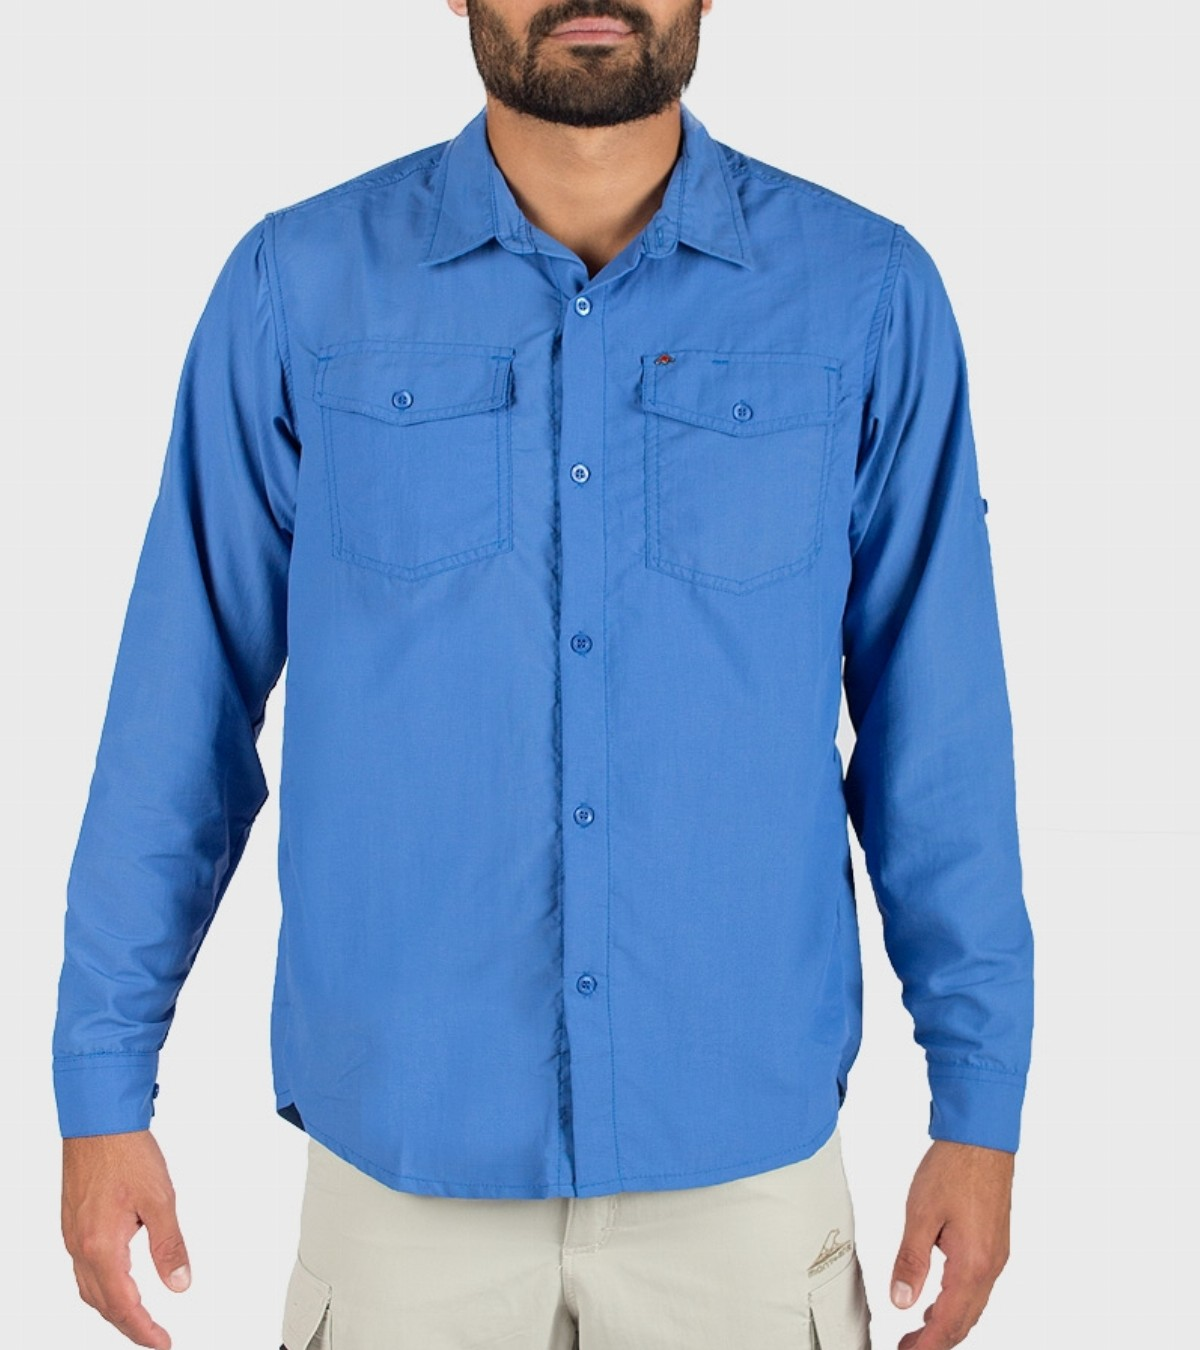 fcbc2a3b0a Camisa de hombre Sydney M L